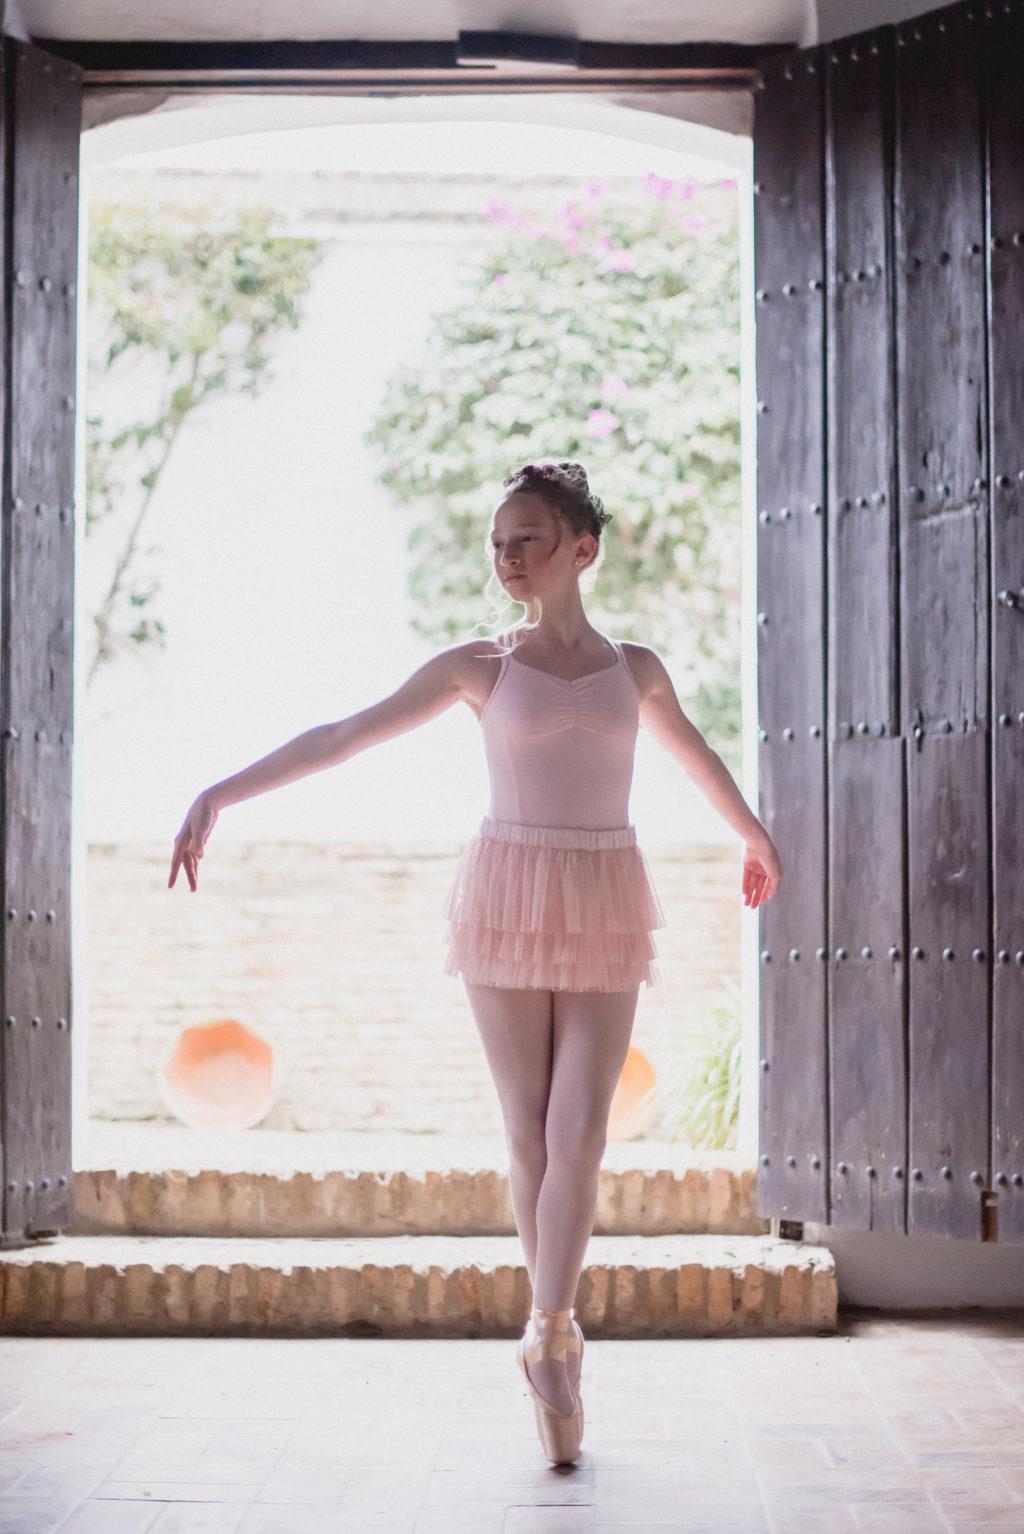 Bailarina 3 - El Sueño de una Novia Bailarina